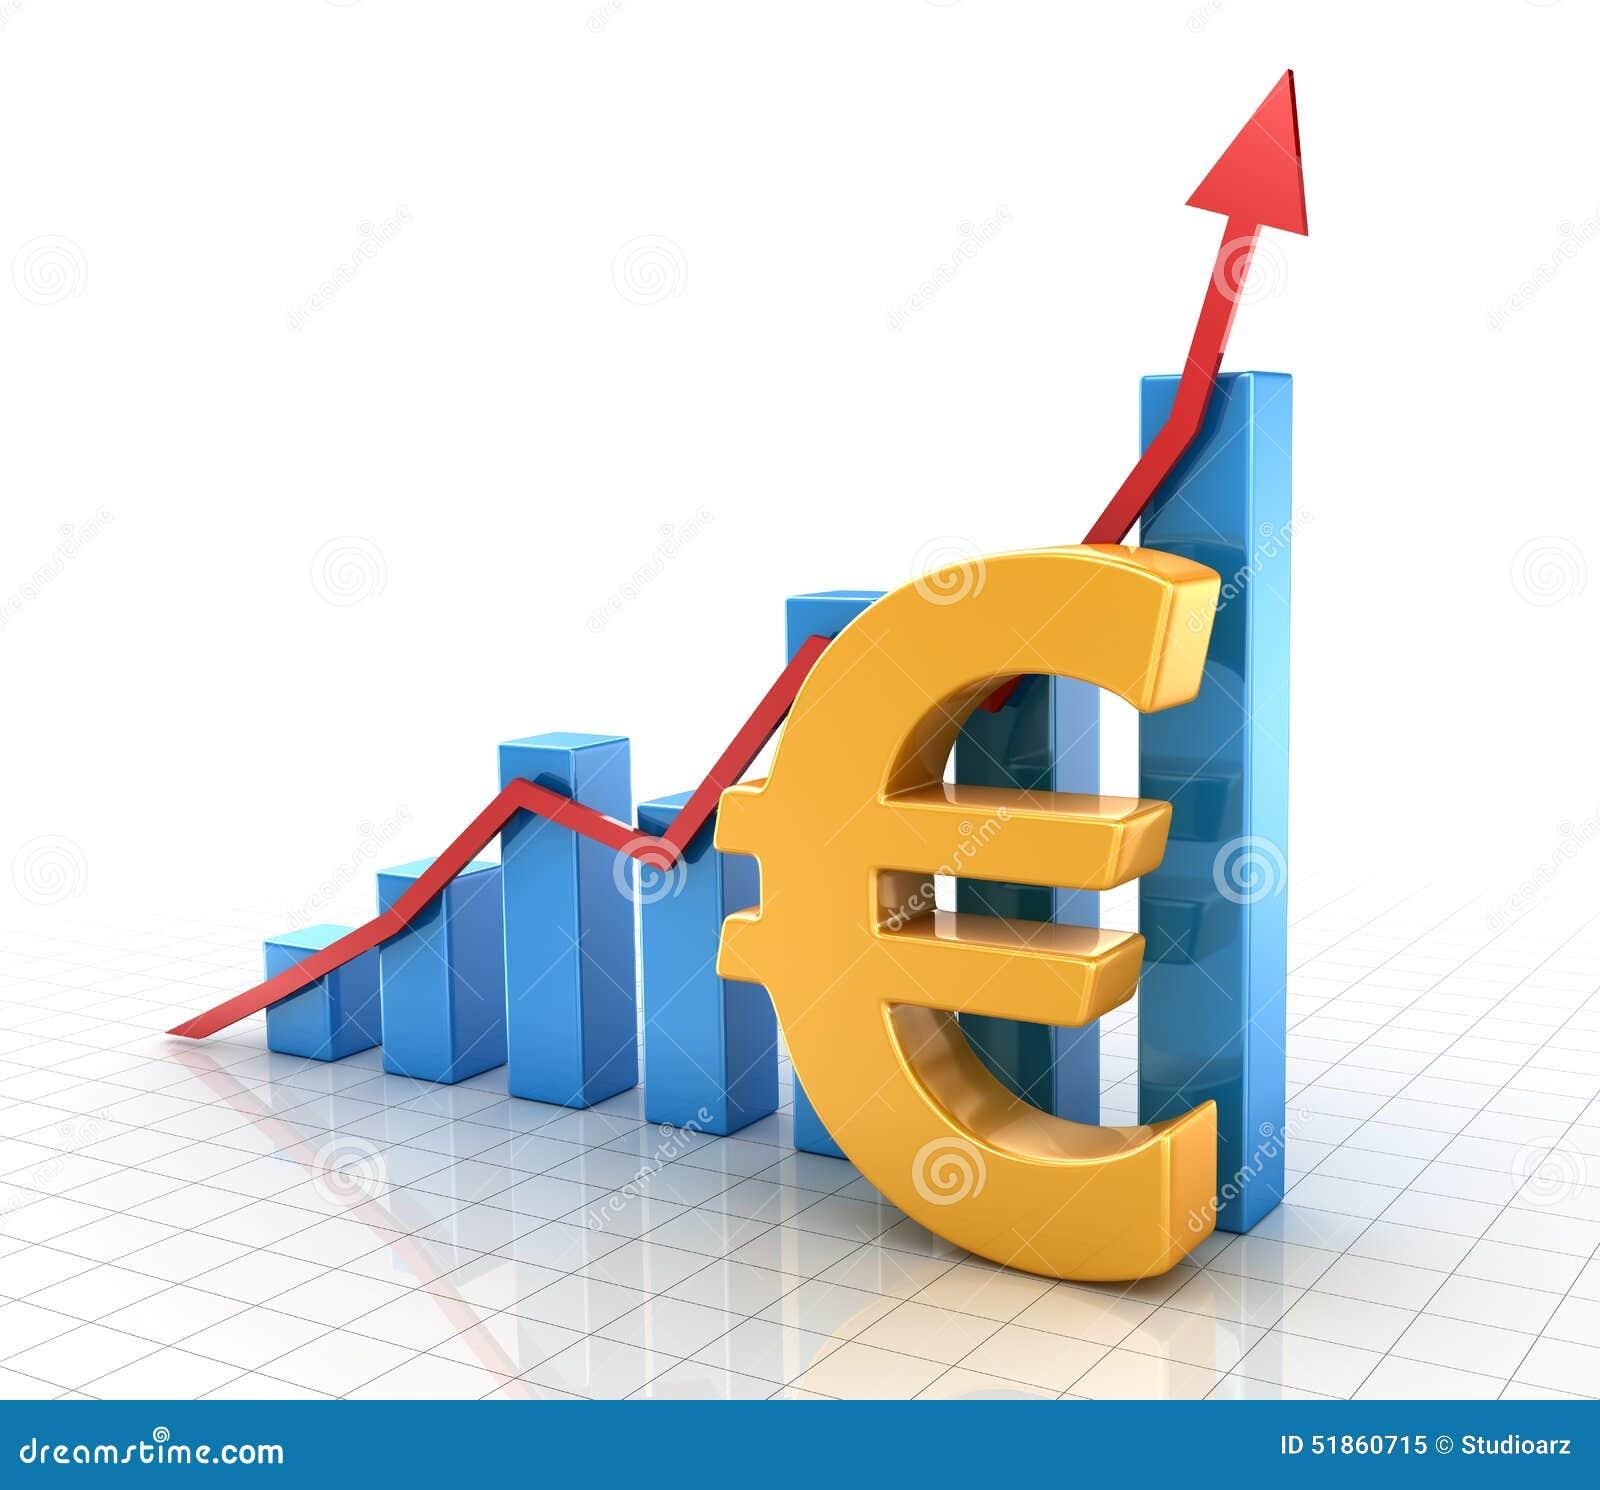 与欧洲标志和财务概念的企业图